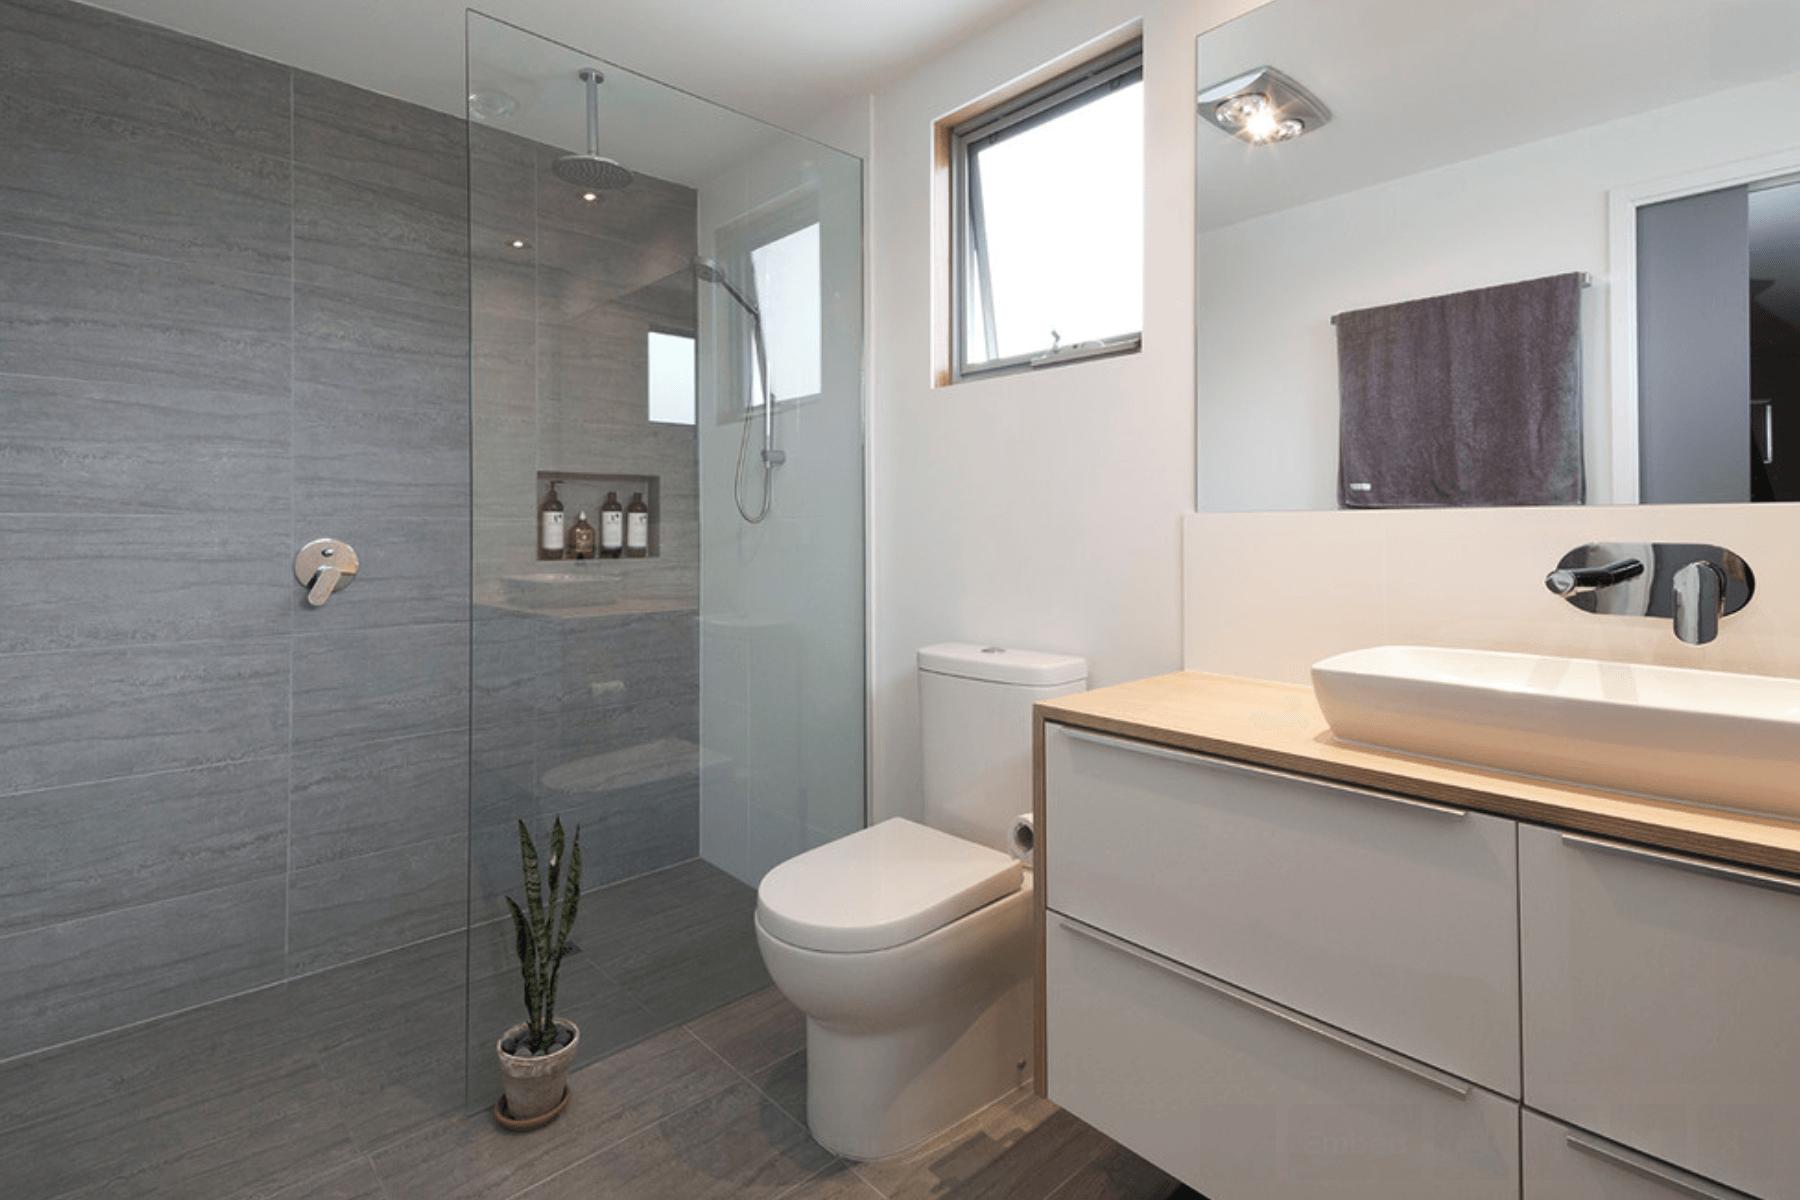 30 Modelos de Banheiros de Inspiração!  Arquidicas -> Banheiro Pequeno Moderno